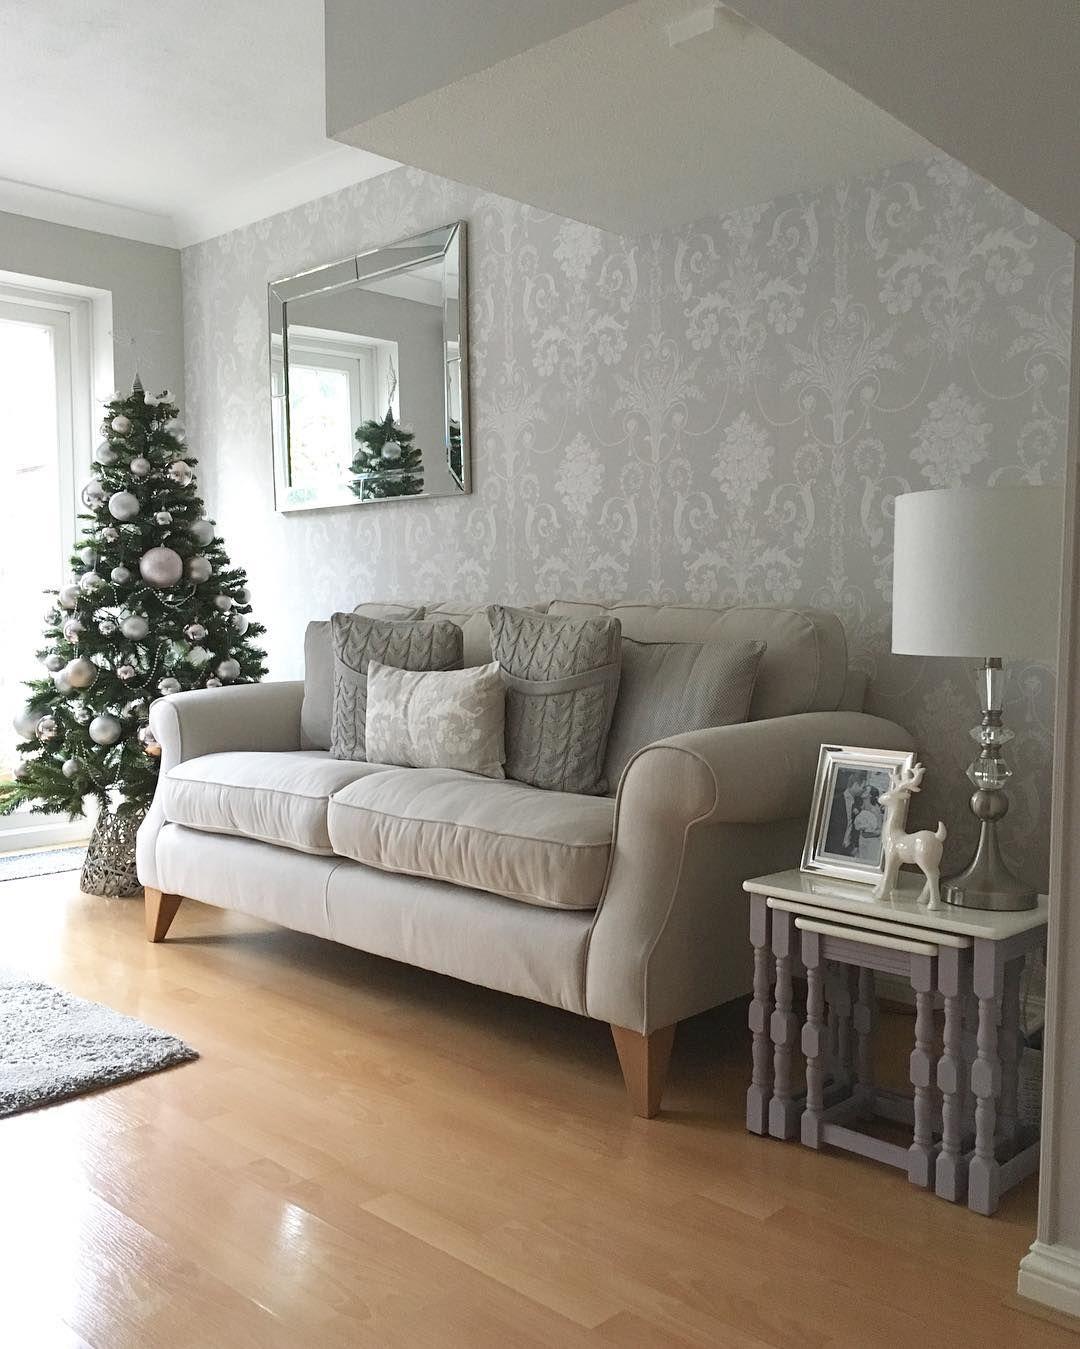 Laura Ashley Dove Grey Josette Wallpaper Christmas Decor In 2019